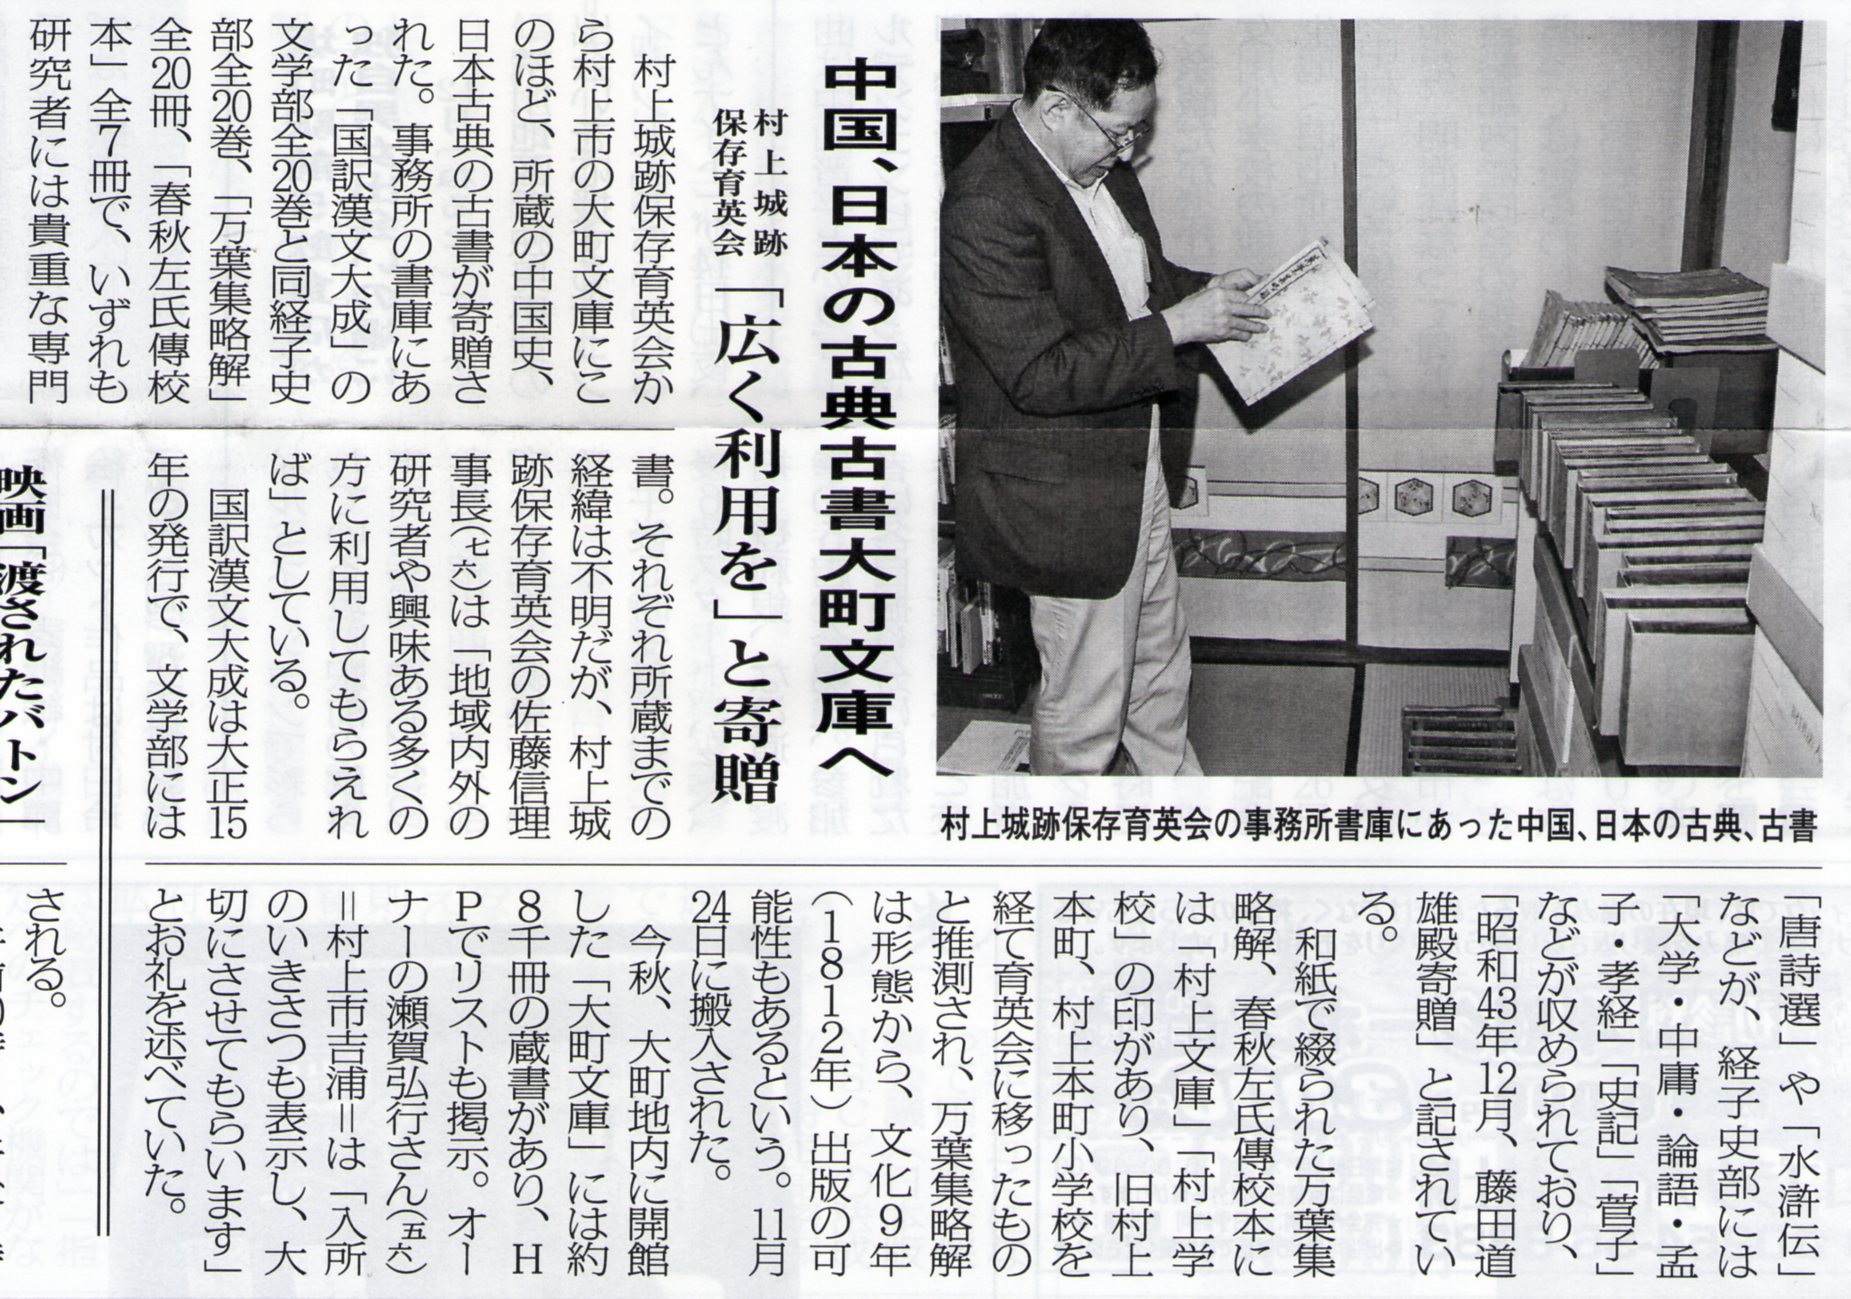 中国史、日本古典の古書 瀬賀弘行 村上城跡保存育英会から村上市の大町文庫にこのほど、所蔵の中国史